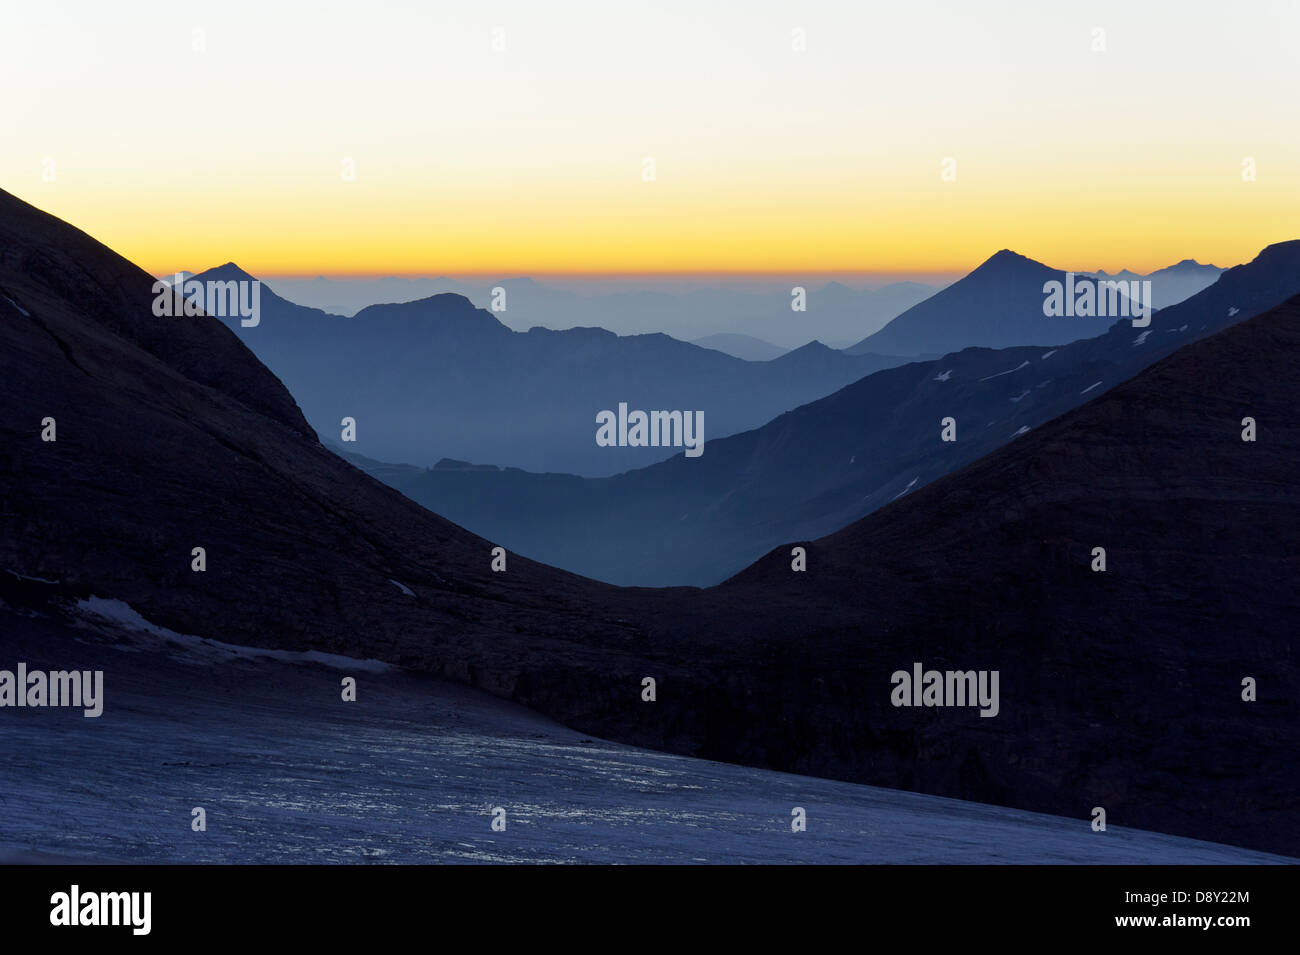 Österreich / Kärnten - vor Sonnenaufgang im Nationalpark Hohe Tauern, gesehen von der Oberwalder Hütte. Stockfoto